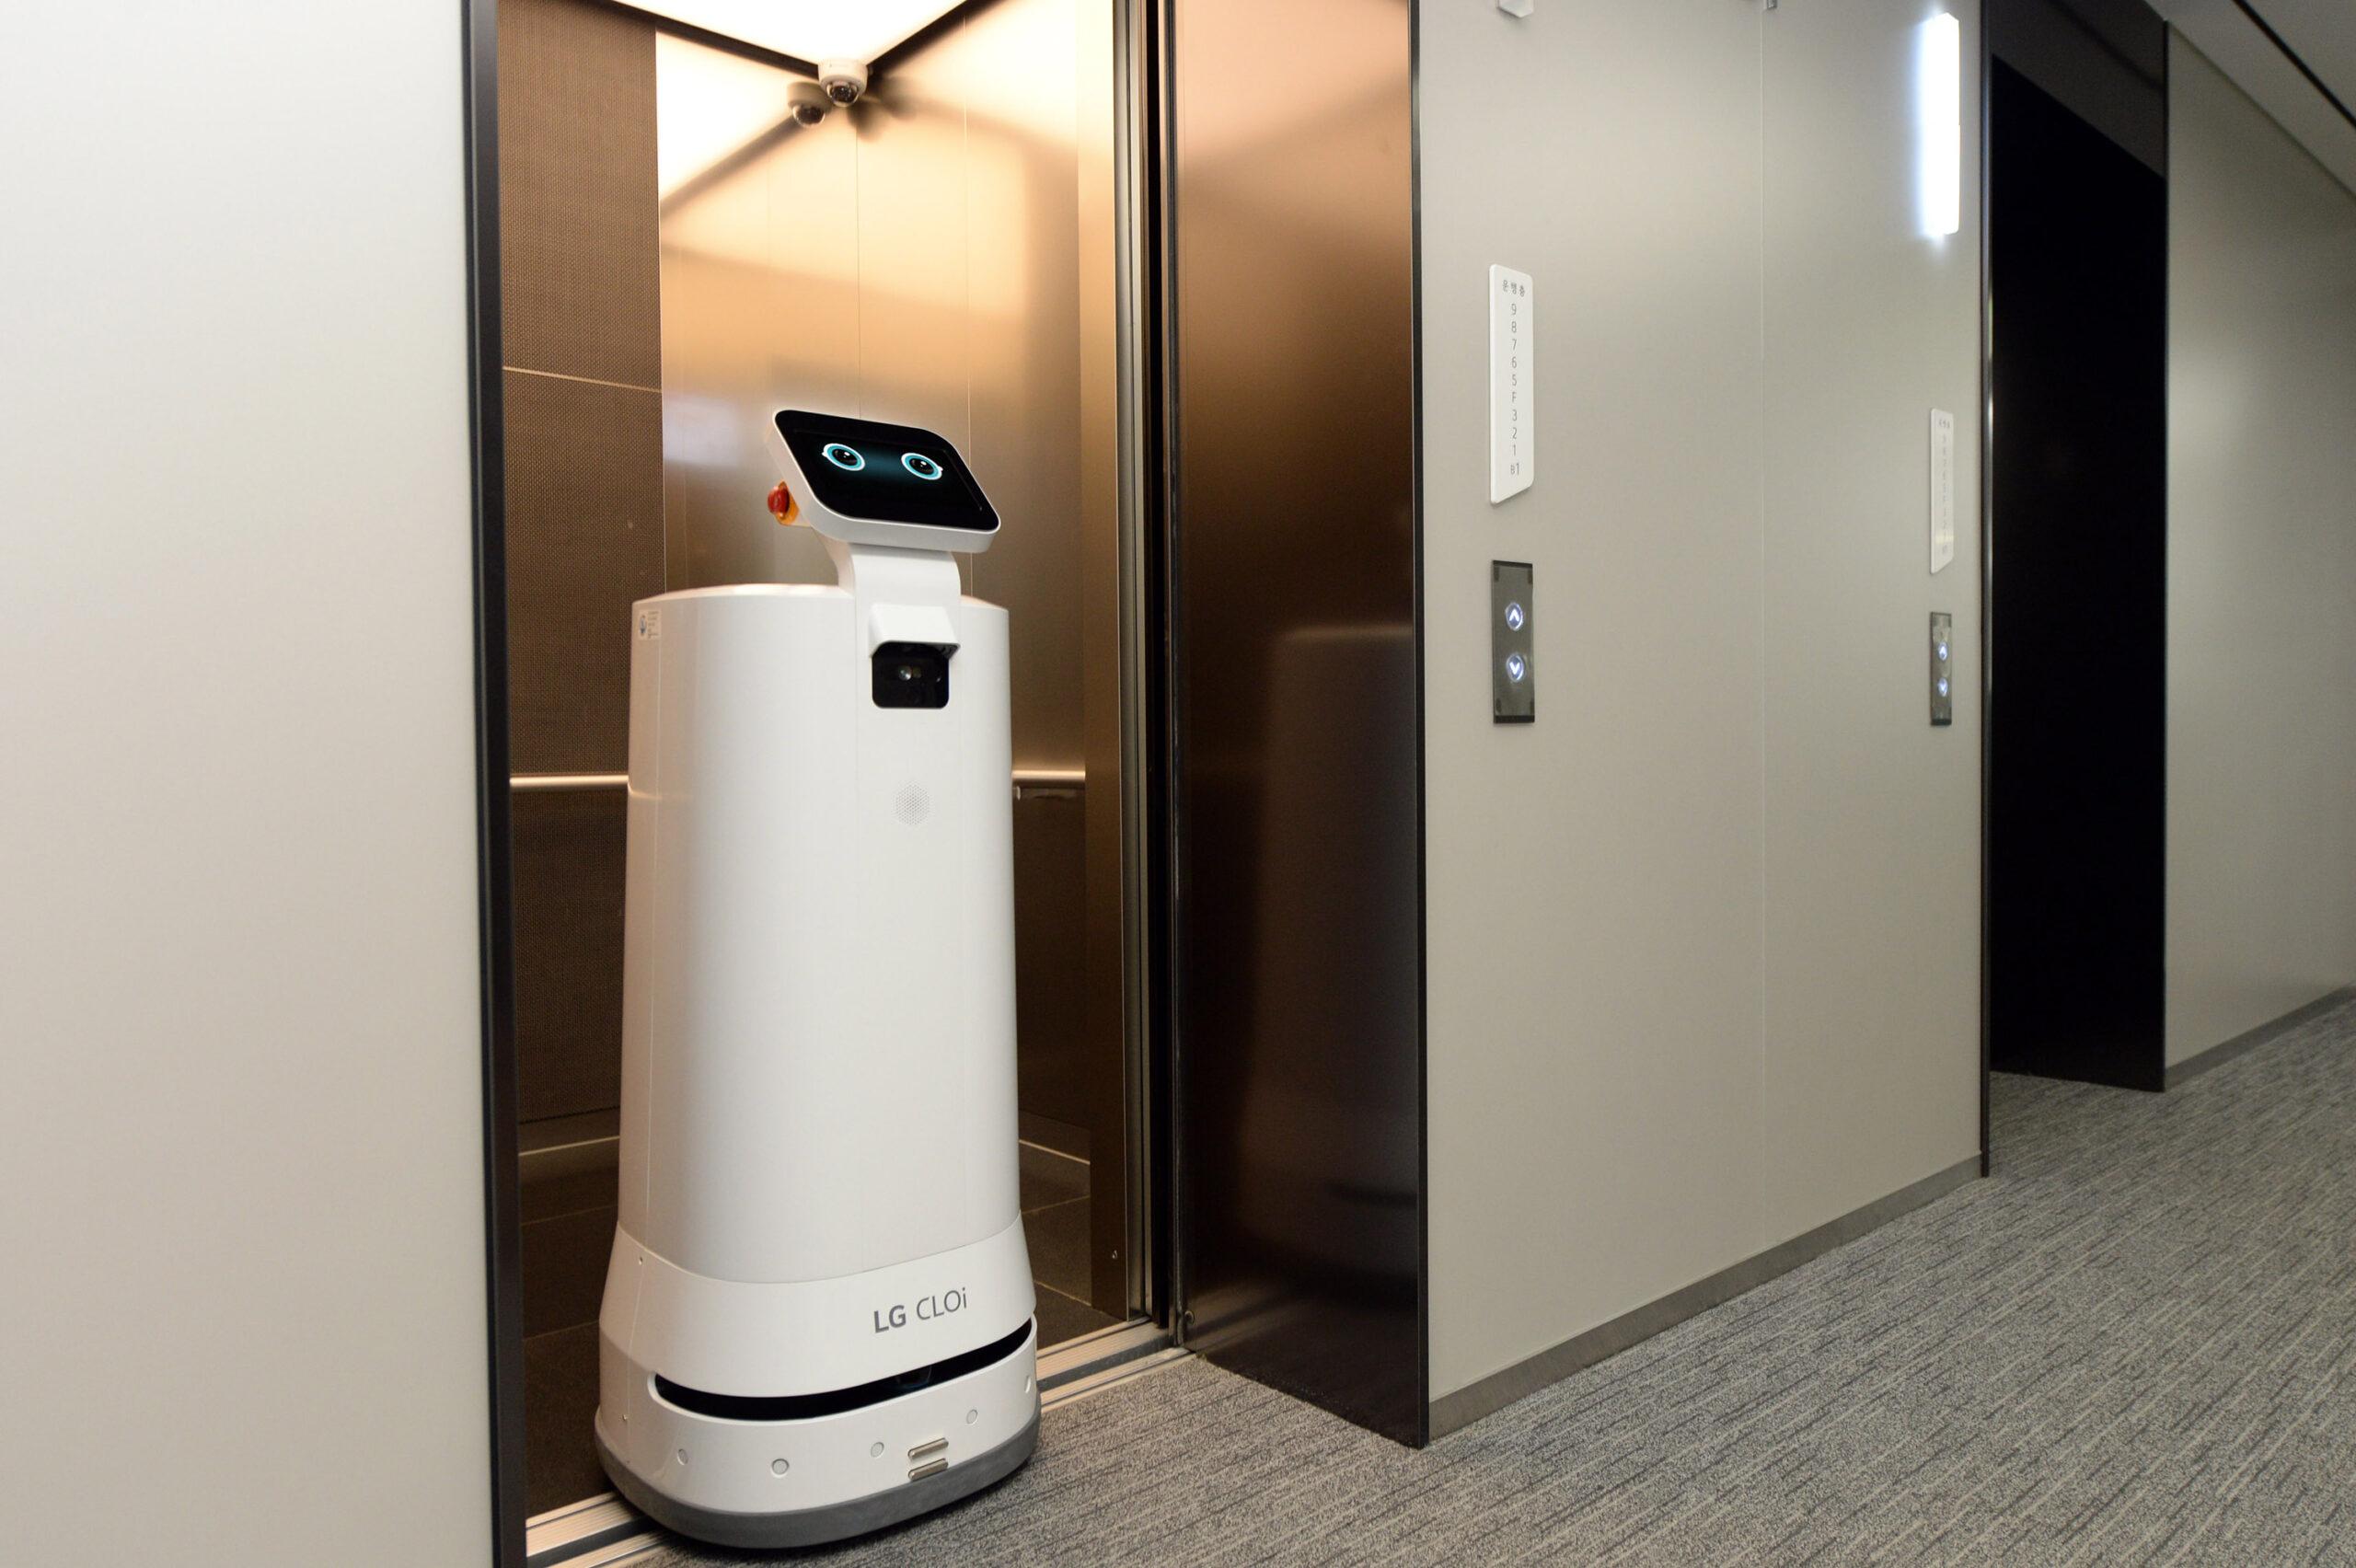 LG 클로이 서브봇, 엘리베이터도 스스로 타고 내린다